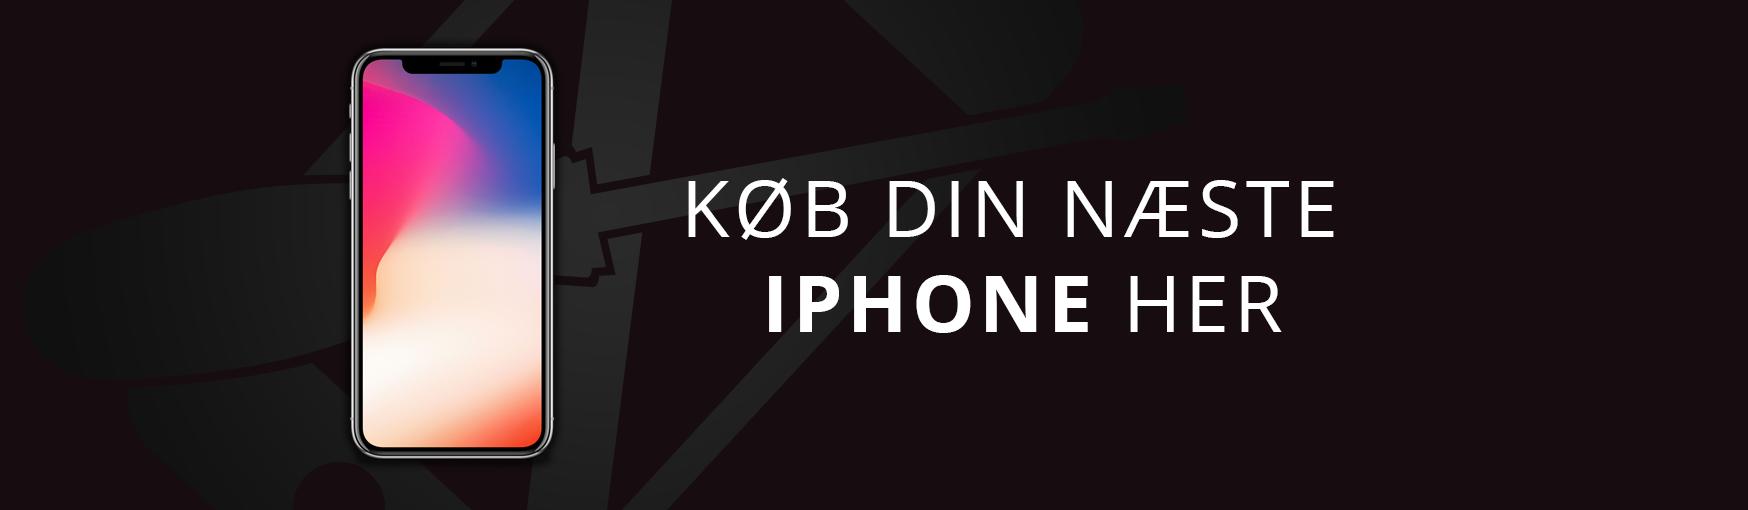 iPhonerepair reparerer mobiltelefoner i Esbjerg nær Varde. Få et tilbud på en iPhone eller iPad reparation billigt nær dig